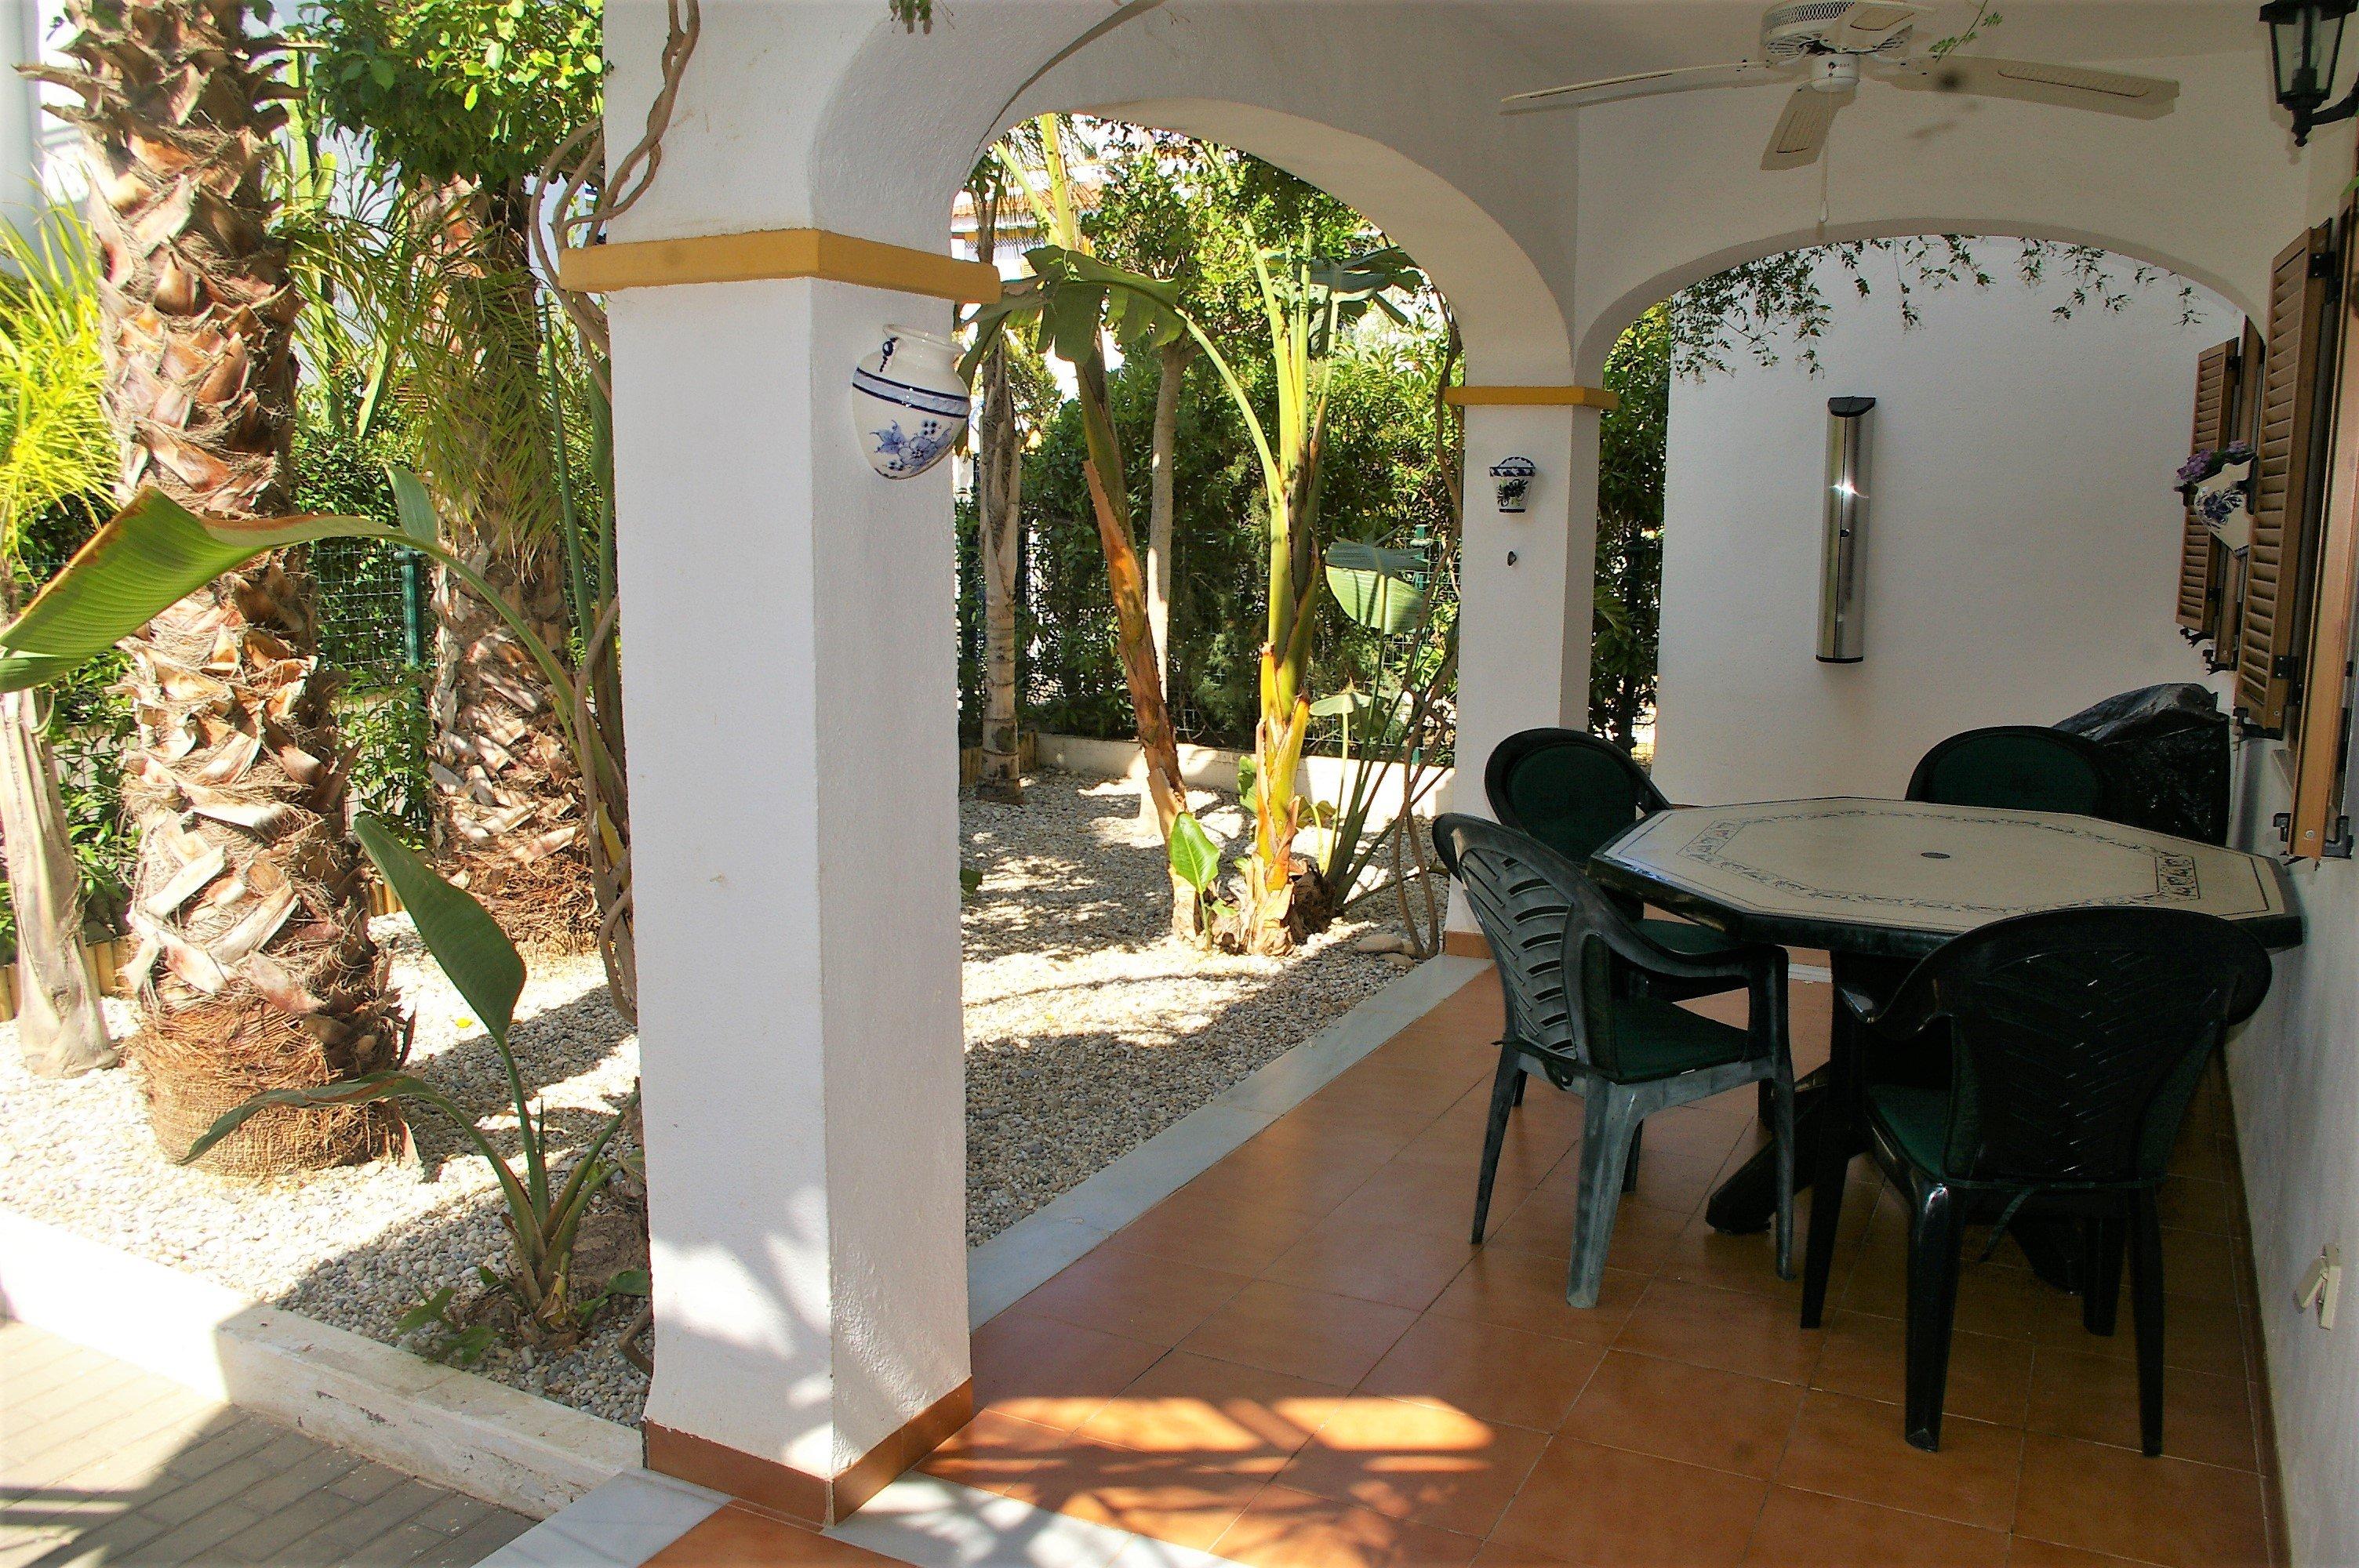 Alquiler de apartamento de 2 dormitorios en Veramar 5, Vera playa RA461